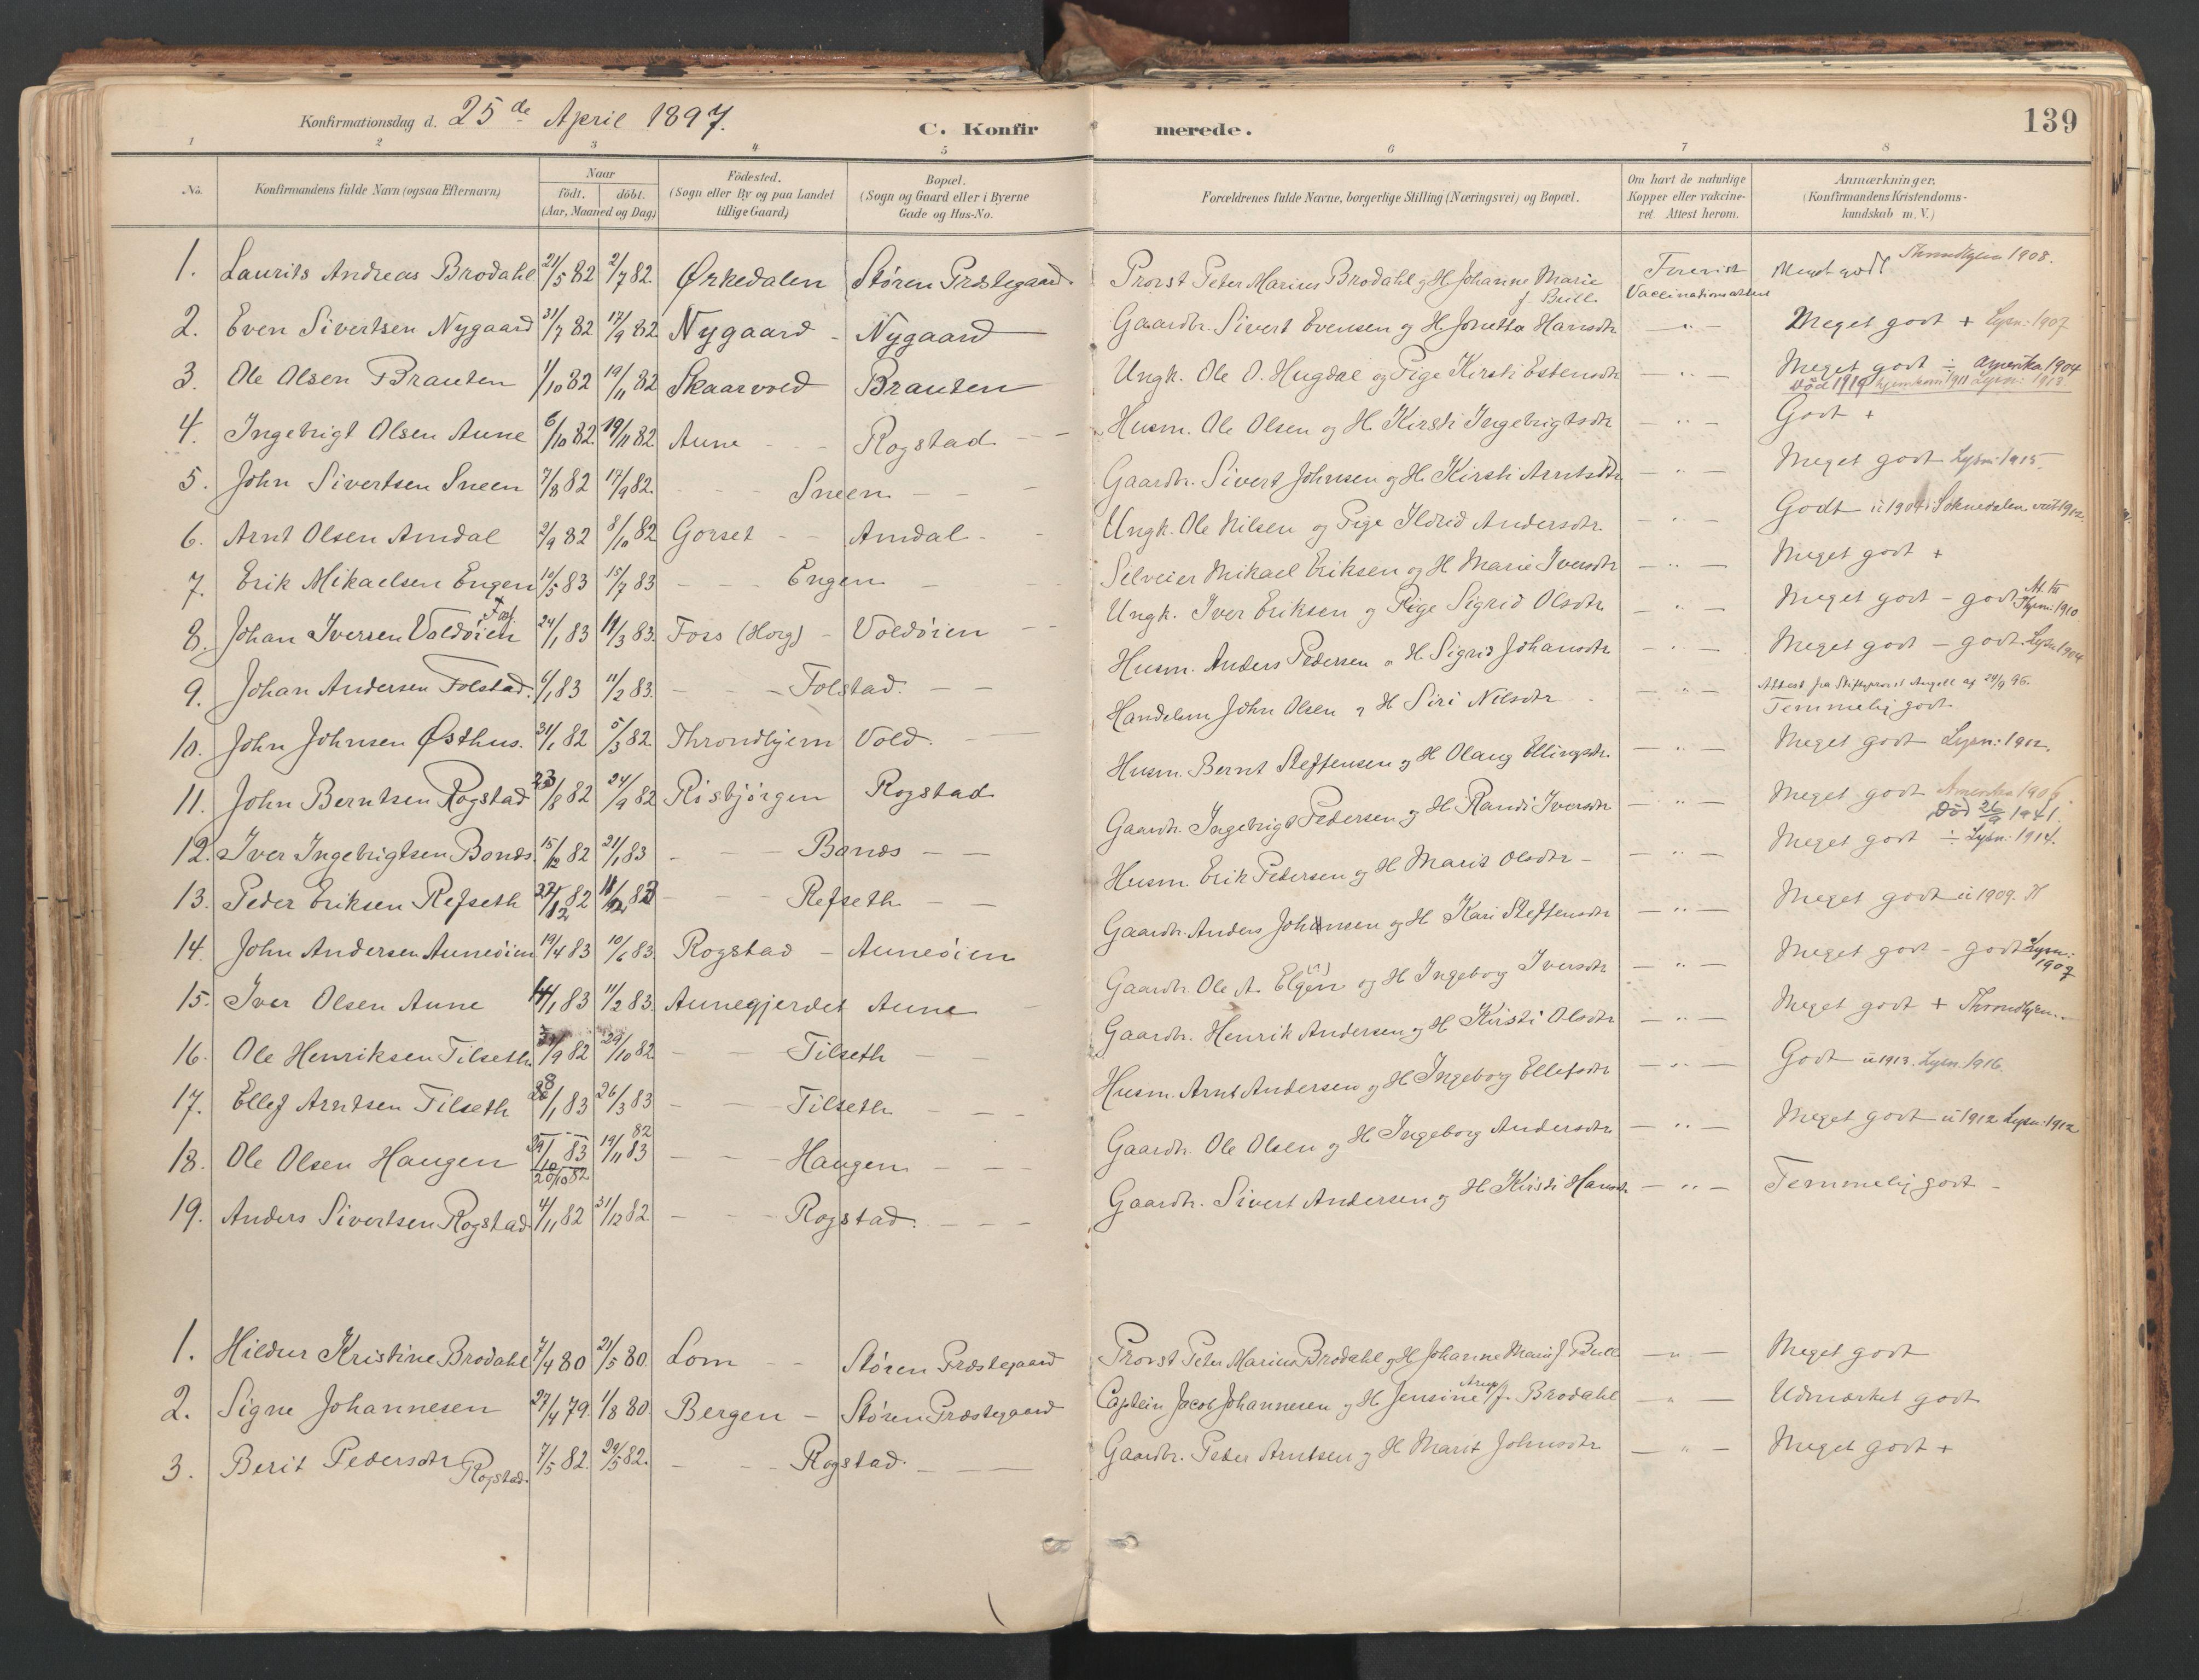 SAT, Ministerialprotokoller, klokkerbøker og fødselsregistre - Sør-Trøndelag, 687/L1004: Ministerialbok nr. 687A10, 1891-1923, s. 139